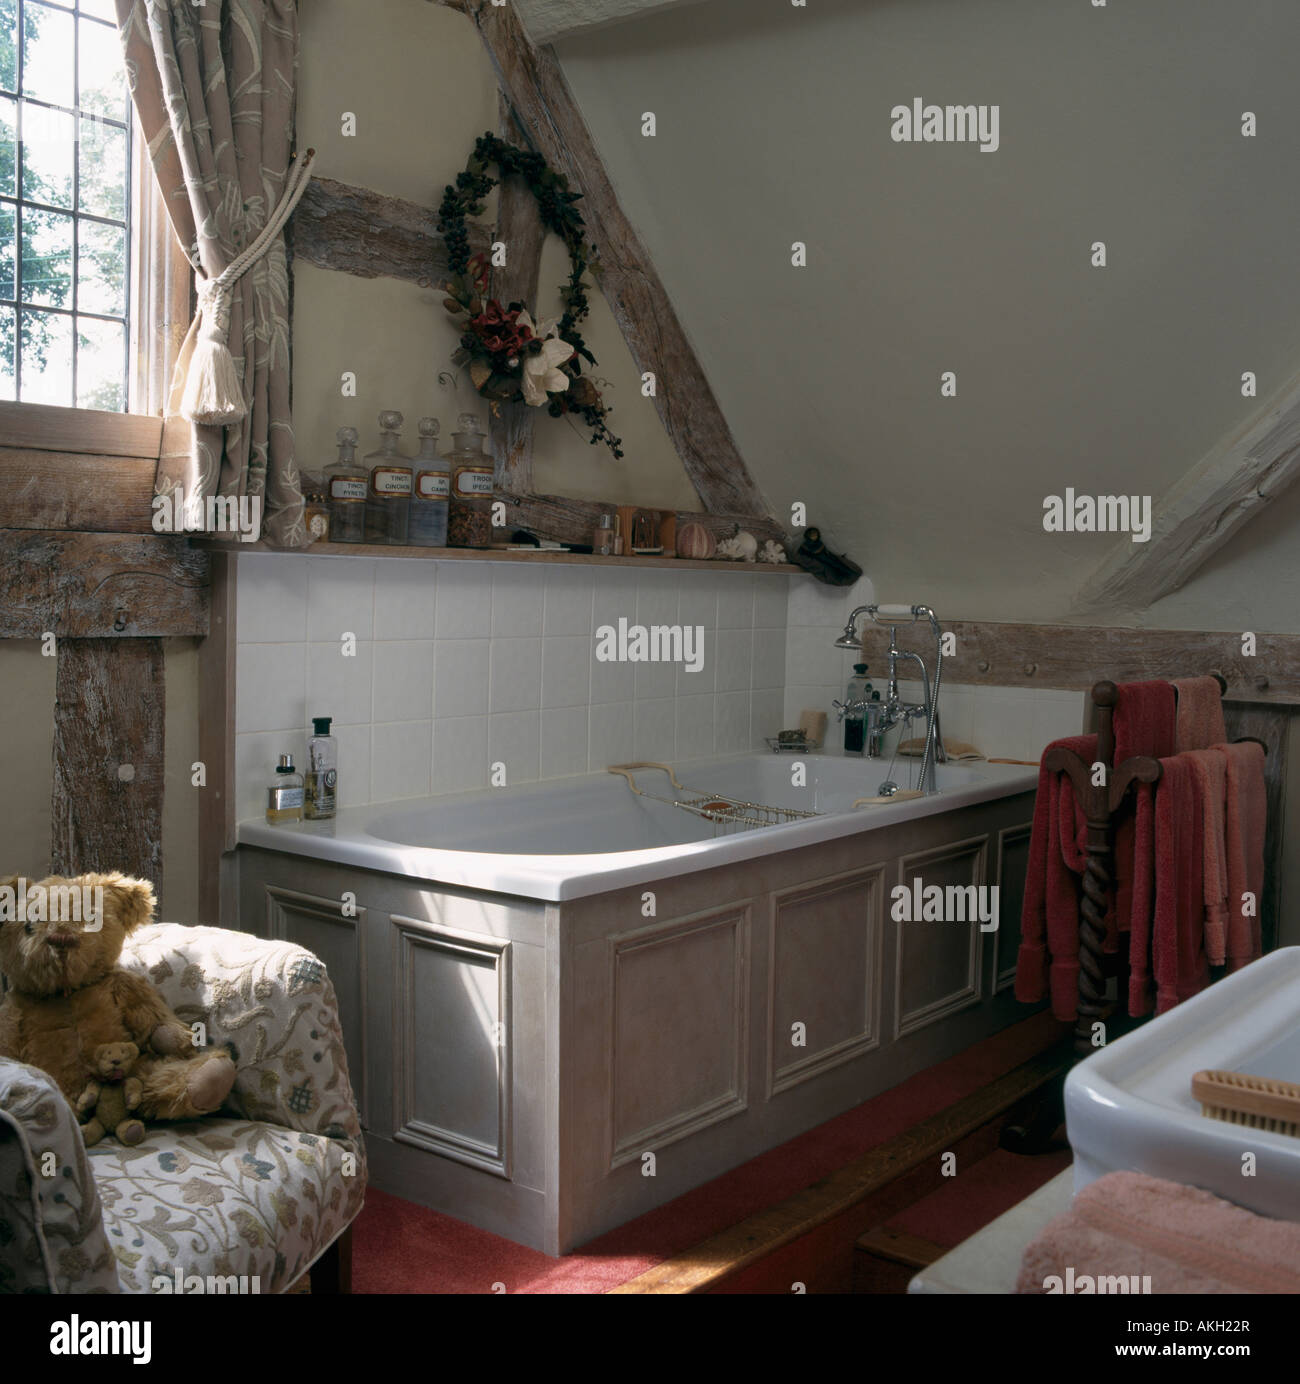 Graue Verkleidungen Auf Weißen Bad Im Dachgeschoss Bad Mit Sichtbaren Balken